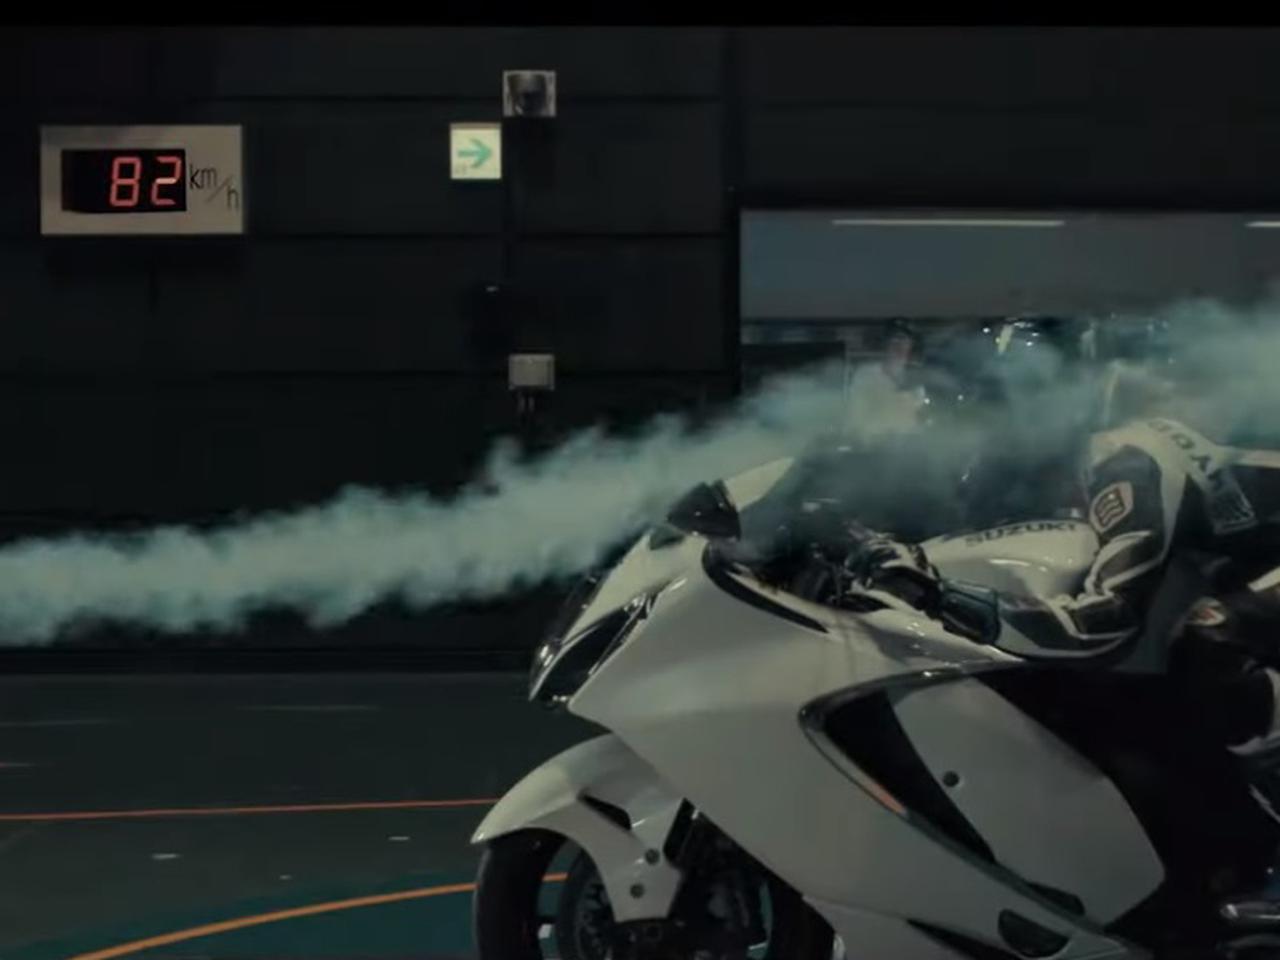 画像: 【隼】ターボも、6気筒も、大排気量も全部やった。そのうえで新型ハヤブサは1340cc/190馬力を選んだんです! - スズキのバイク!